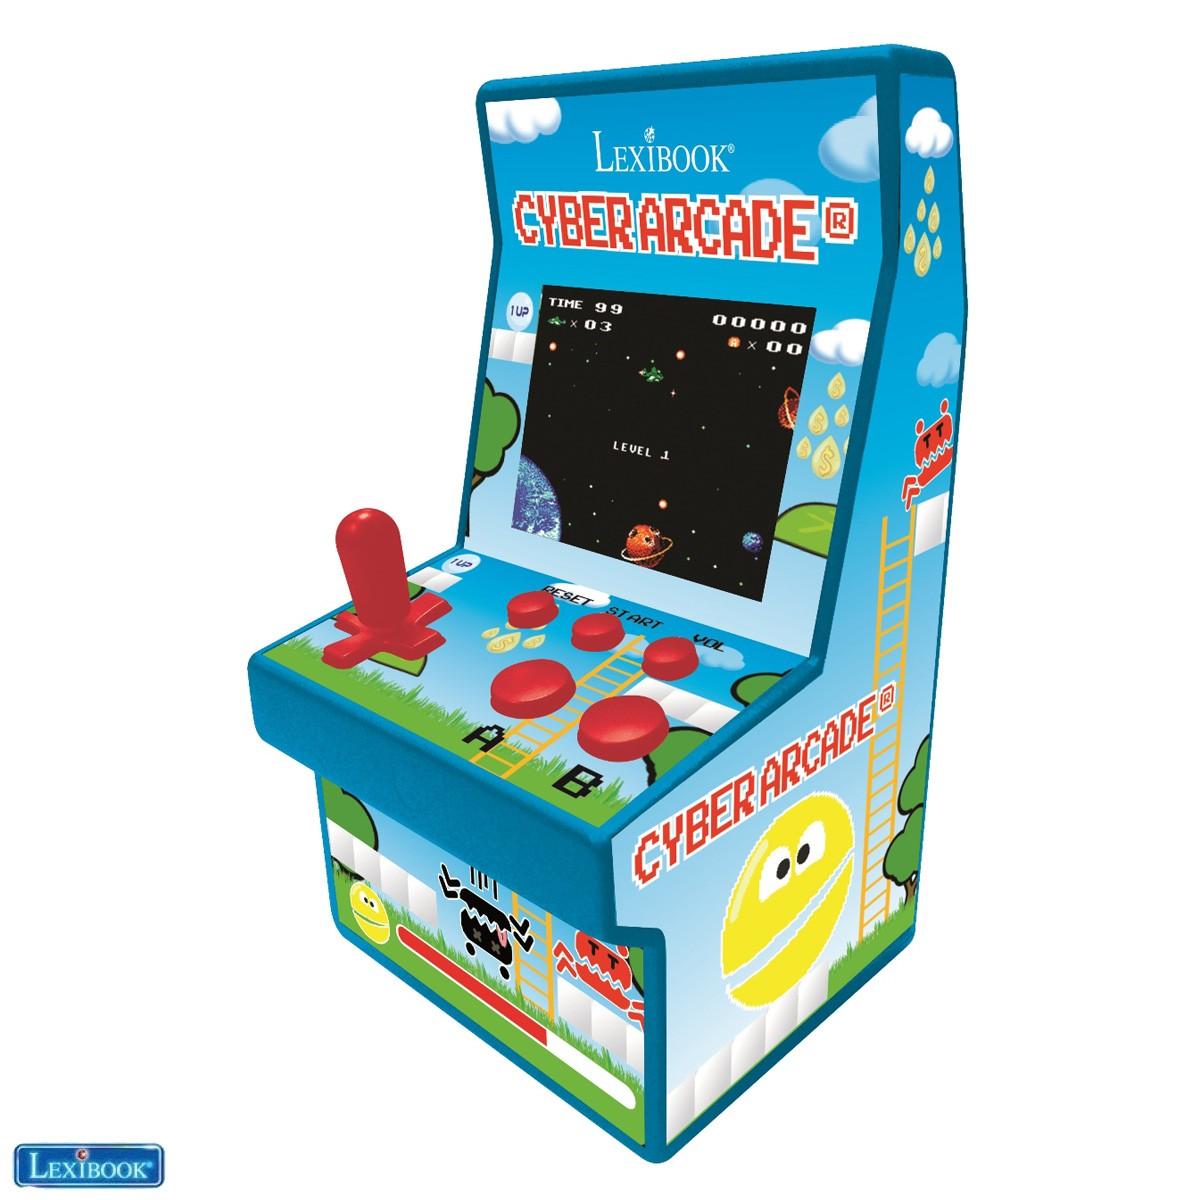 Console de jeux portable retro Cyber Arcade® 200 jeux